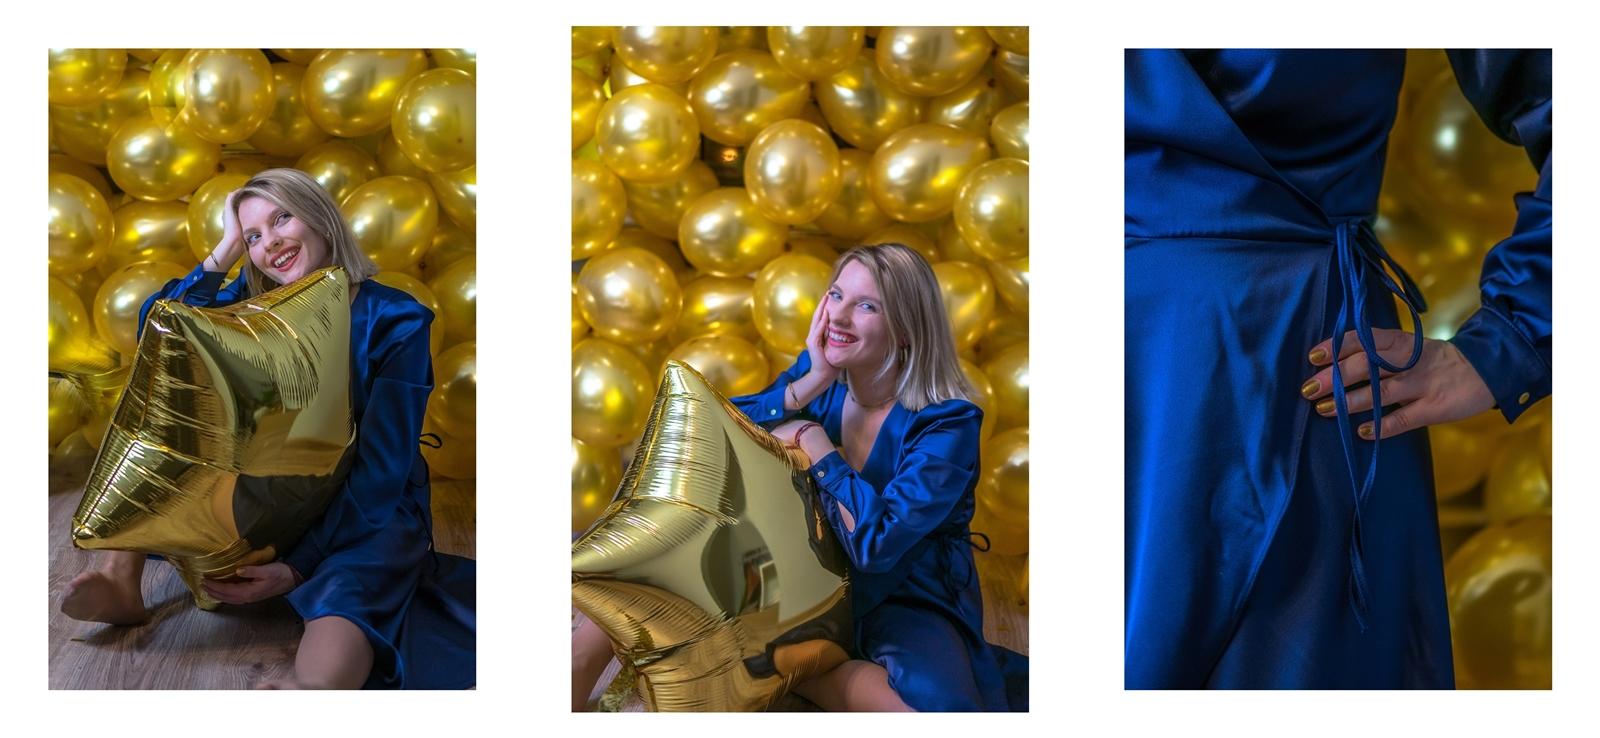 5a sukienki sylwestrowe z dekoltem maxi do kolan granatowa suknia balowa błyszcząca kremowa suknia na wesele sylwestra bal studniówkowy dekoracje na sylwestra jak zrobić czapeczki sylwestrowe balony